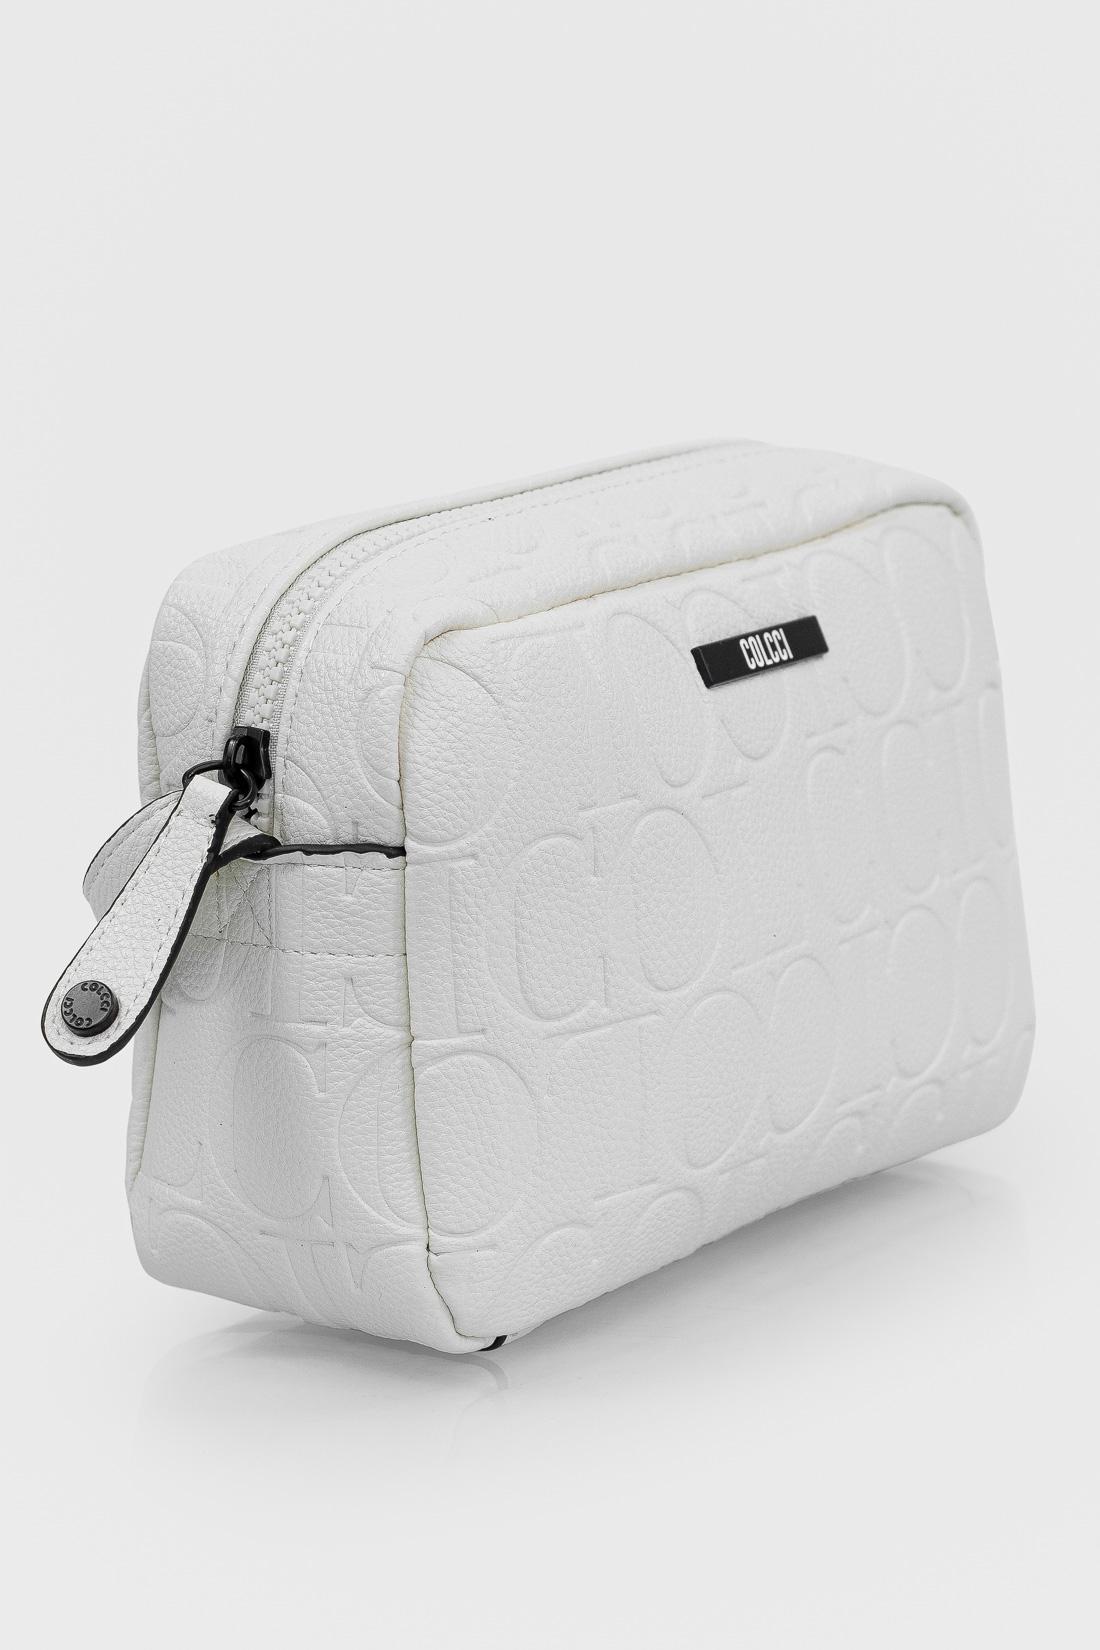 Bolsa Colcci Camera Bag Gravaçao